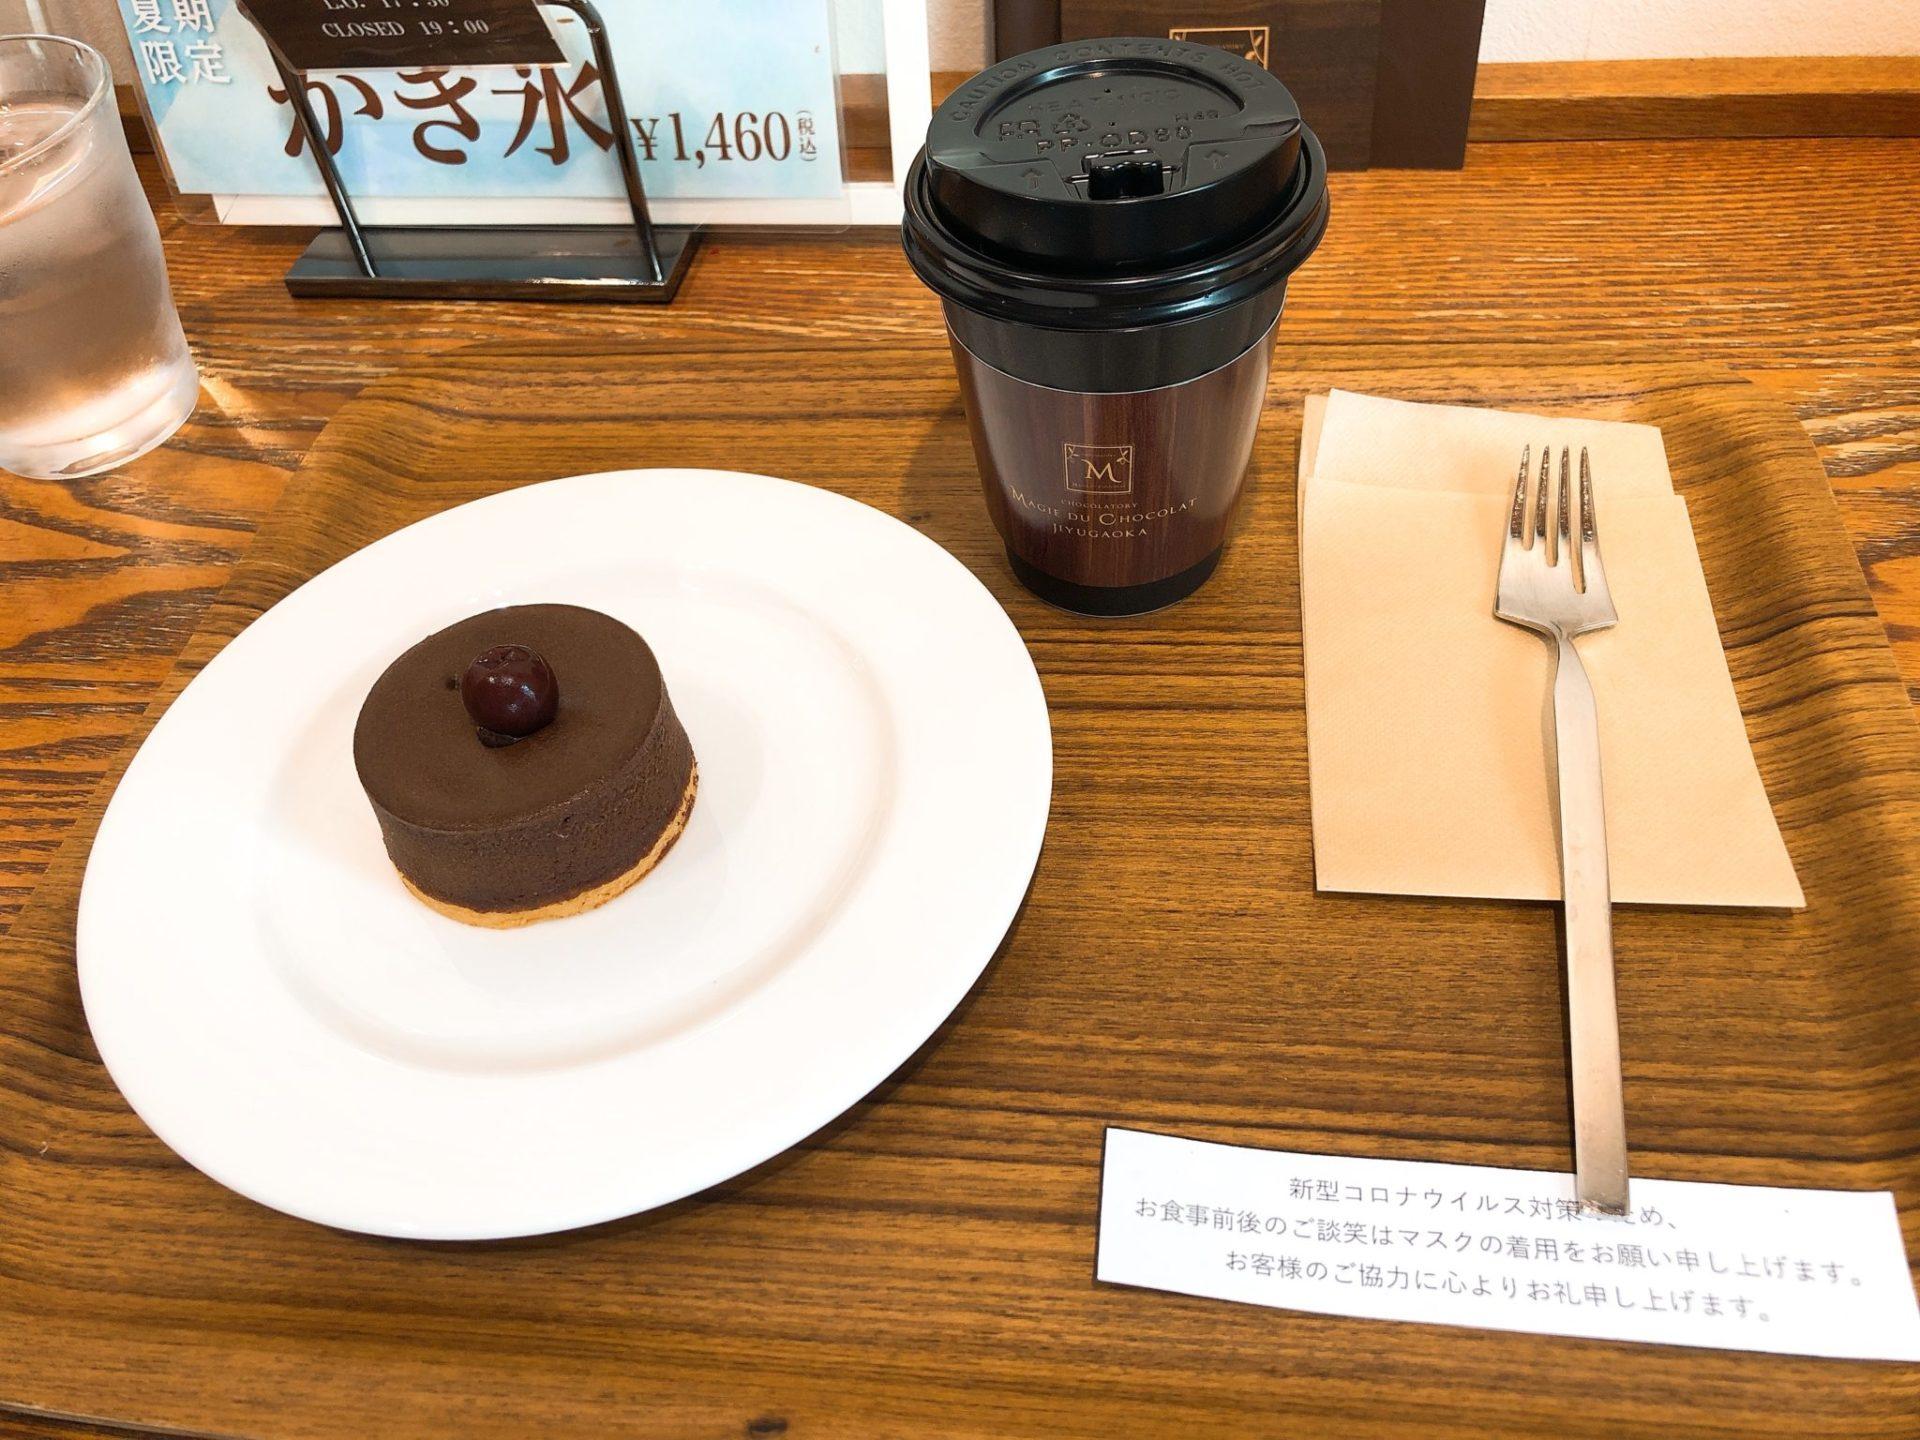 マジドゥショコラ自由が丘本店のケーキセット